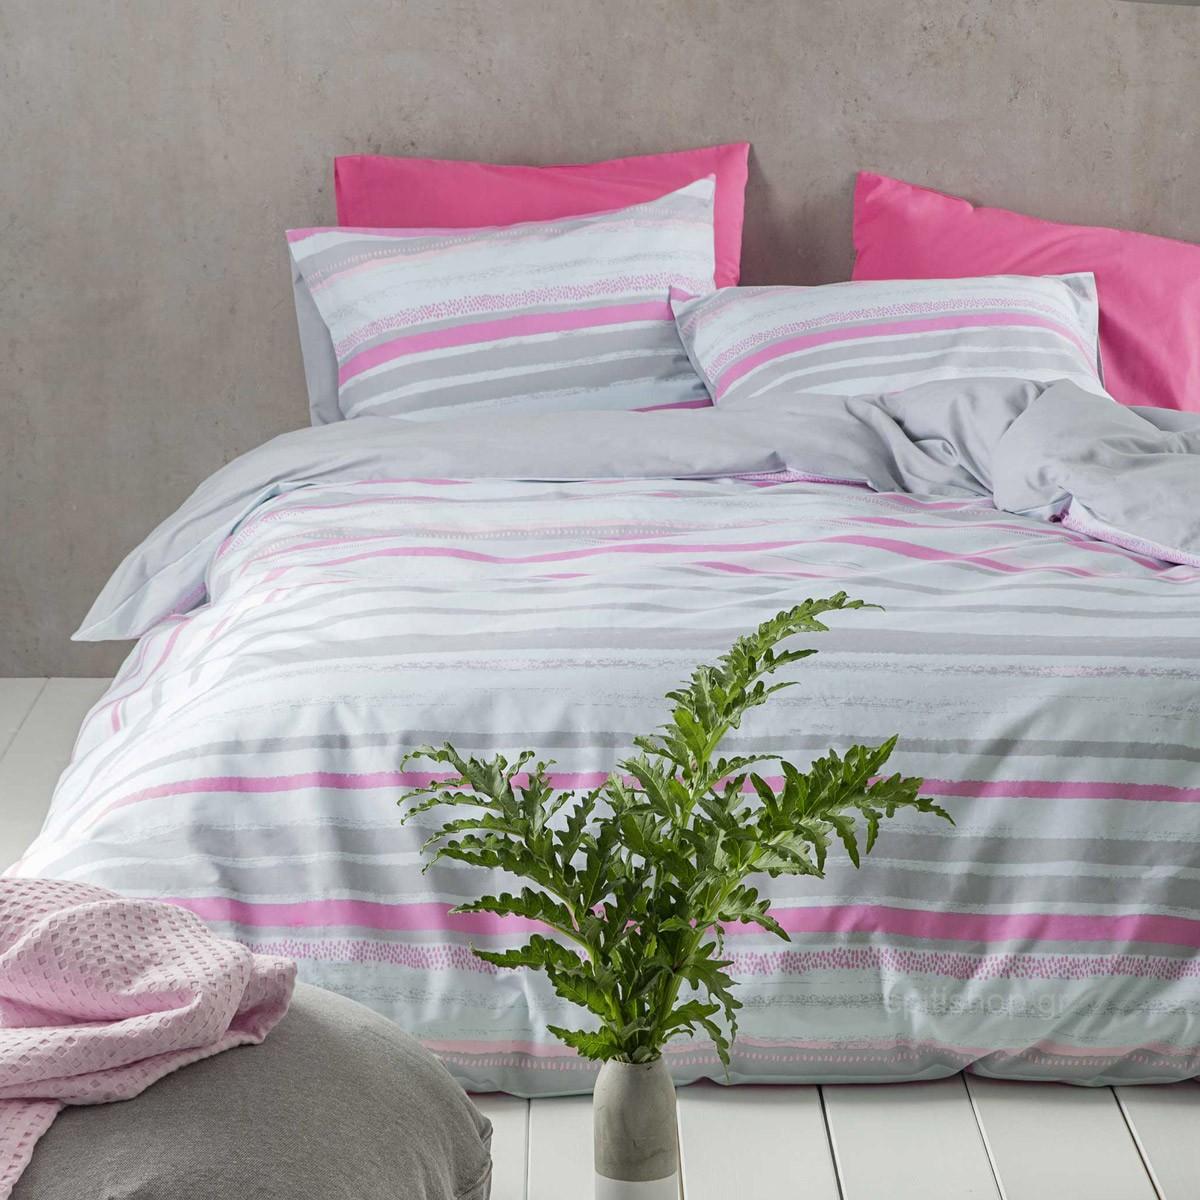 Σεντόνια Μονά (Σετ) Nima Bed Linen Kekoa Pink ΧΩΡΙΣ ΛΑΣΤΙΧΟ ΧΩΡΙΣ ΛΑΣΤΙΧΟ